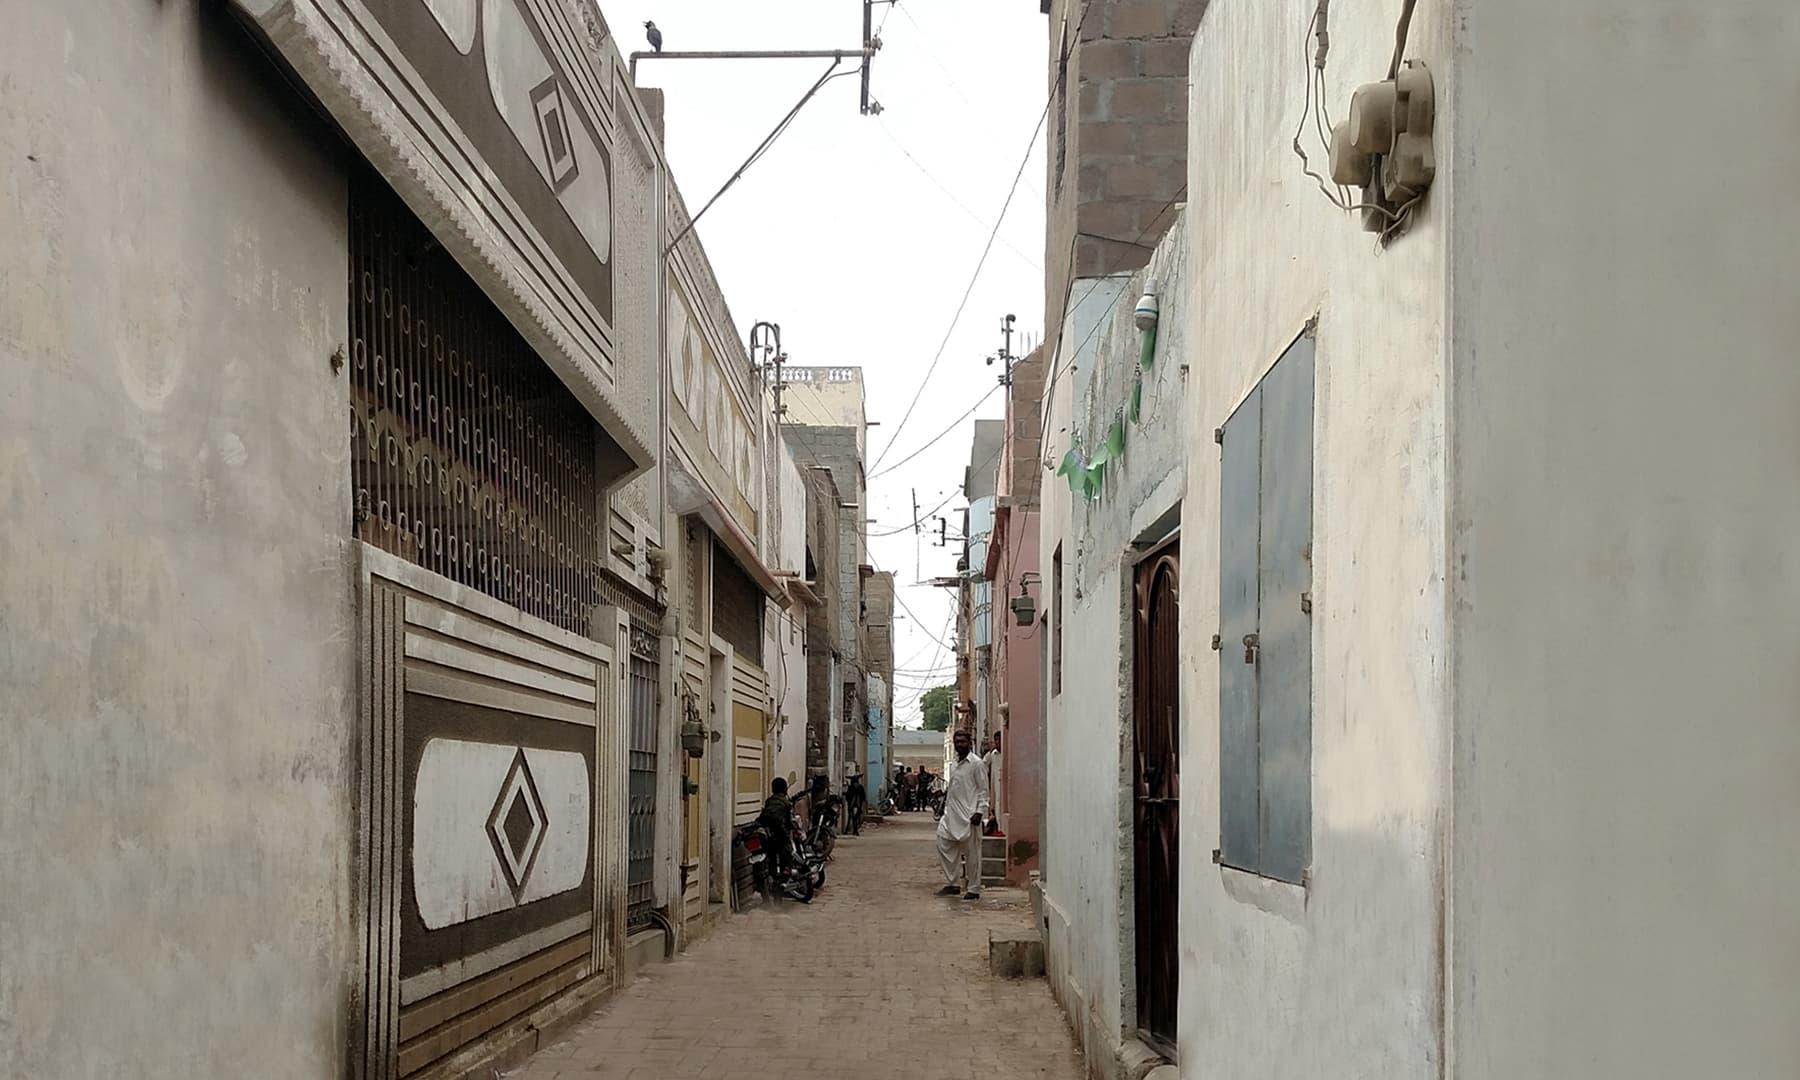 کراچی کے علاقے کھوکھراپار ای ایریا میں ہماری گلی کا منظر